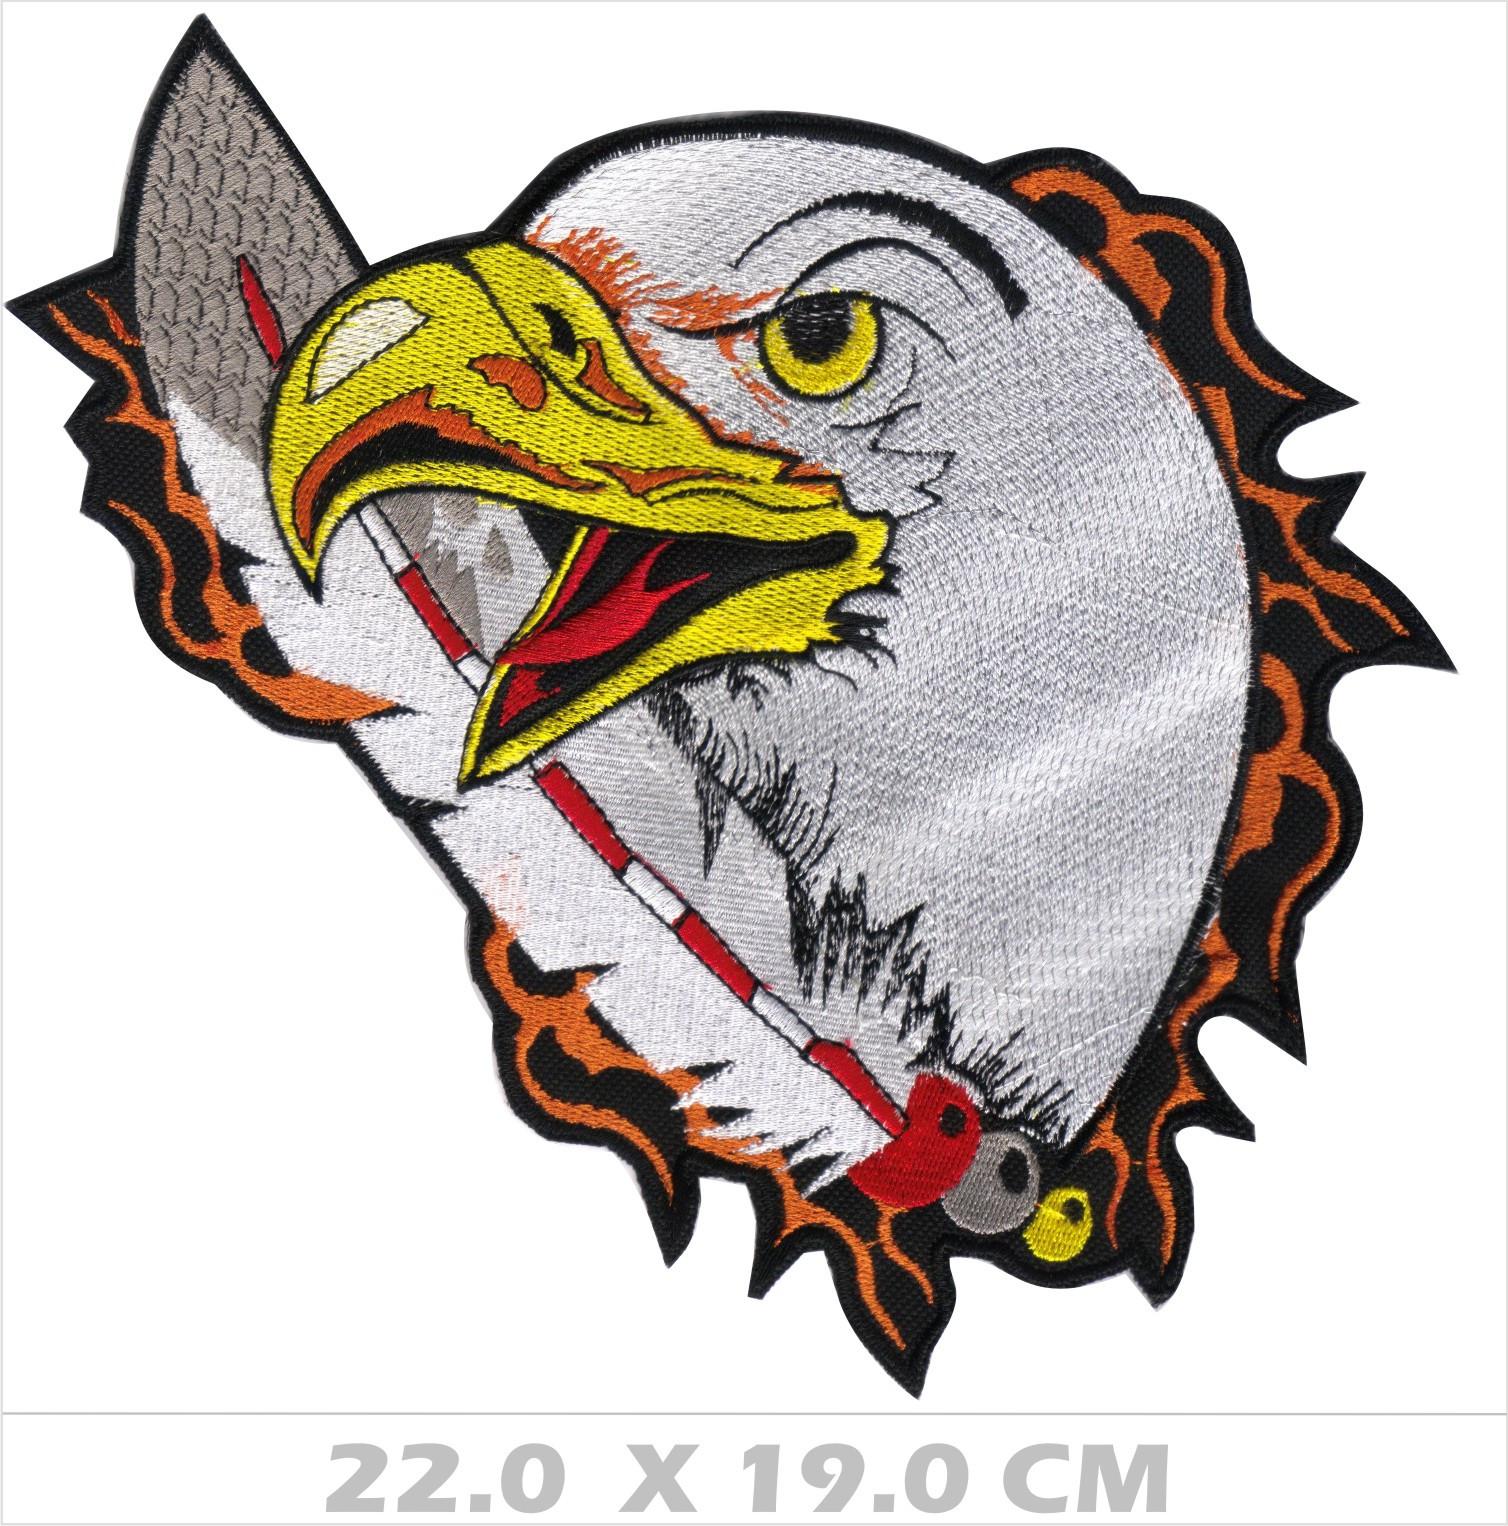 WA26-00021 - BORDADO AGUIA COM PENA 2